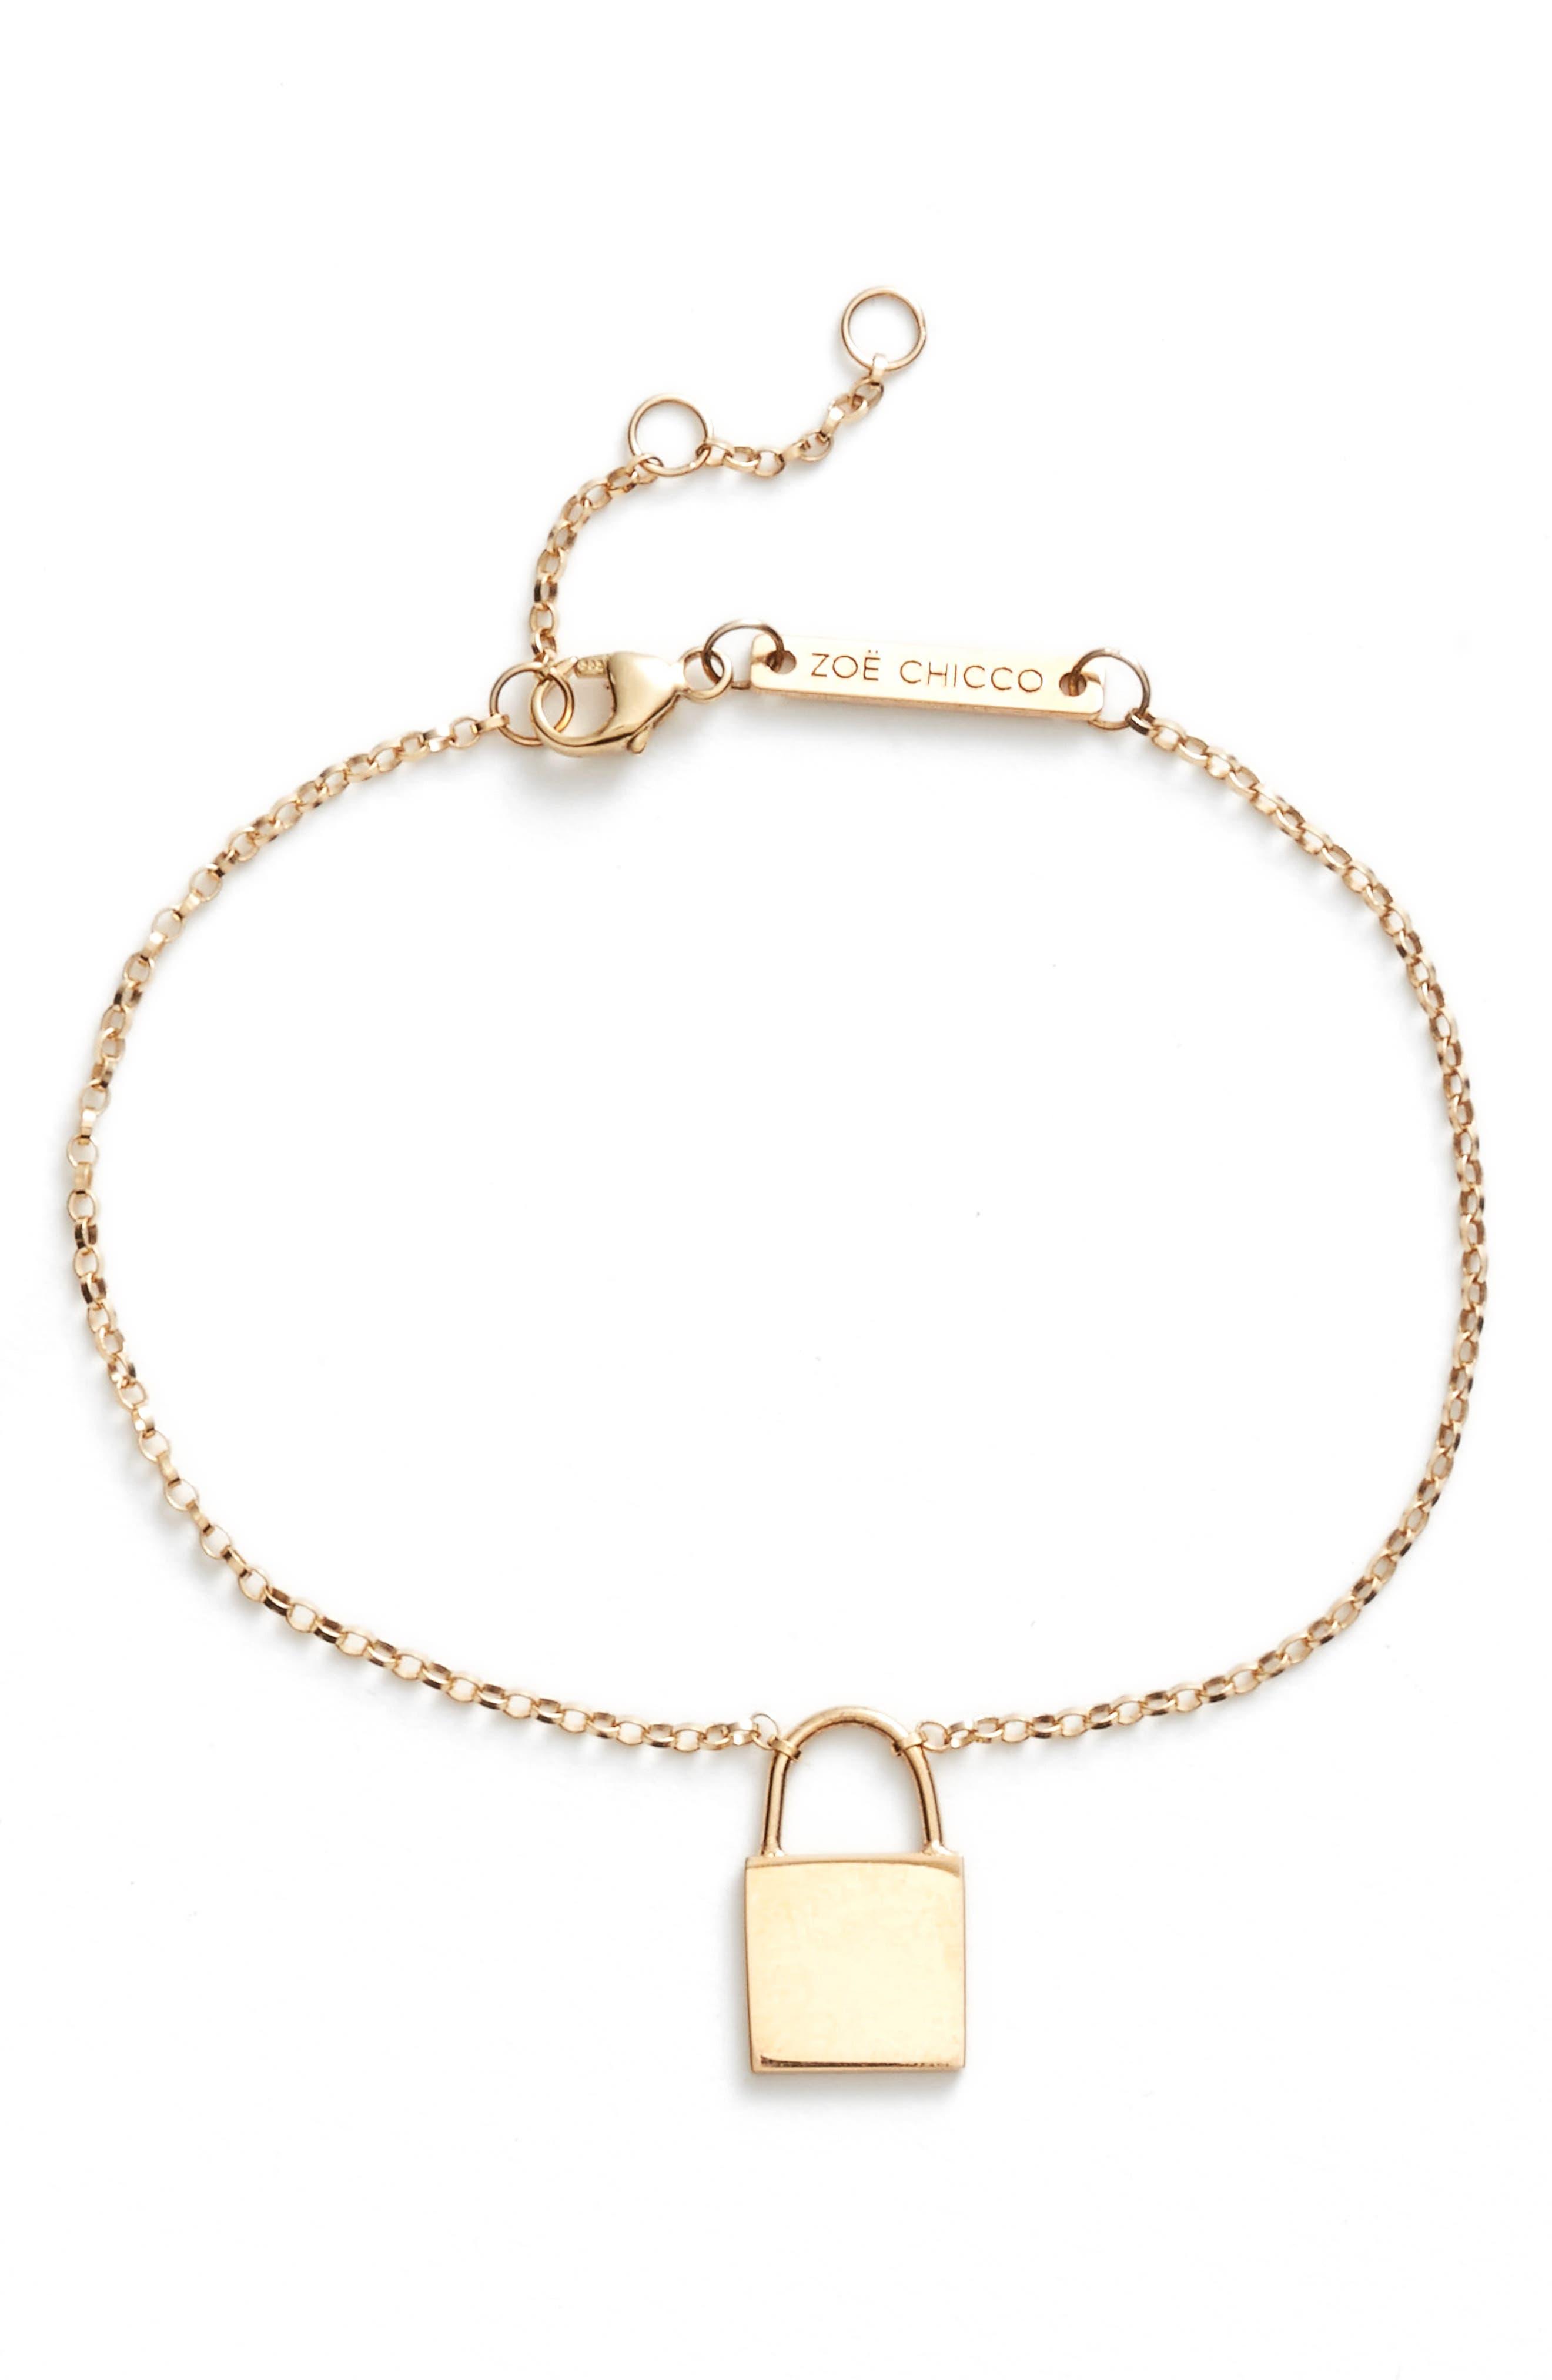 Zoë Chicco Small Padlock Bracelet